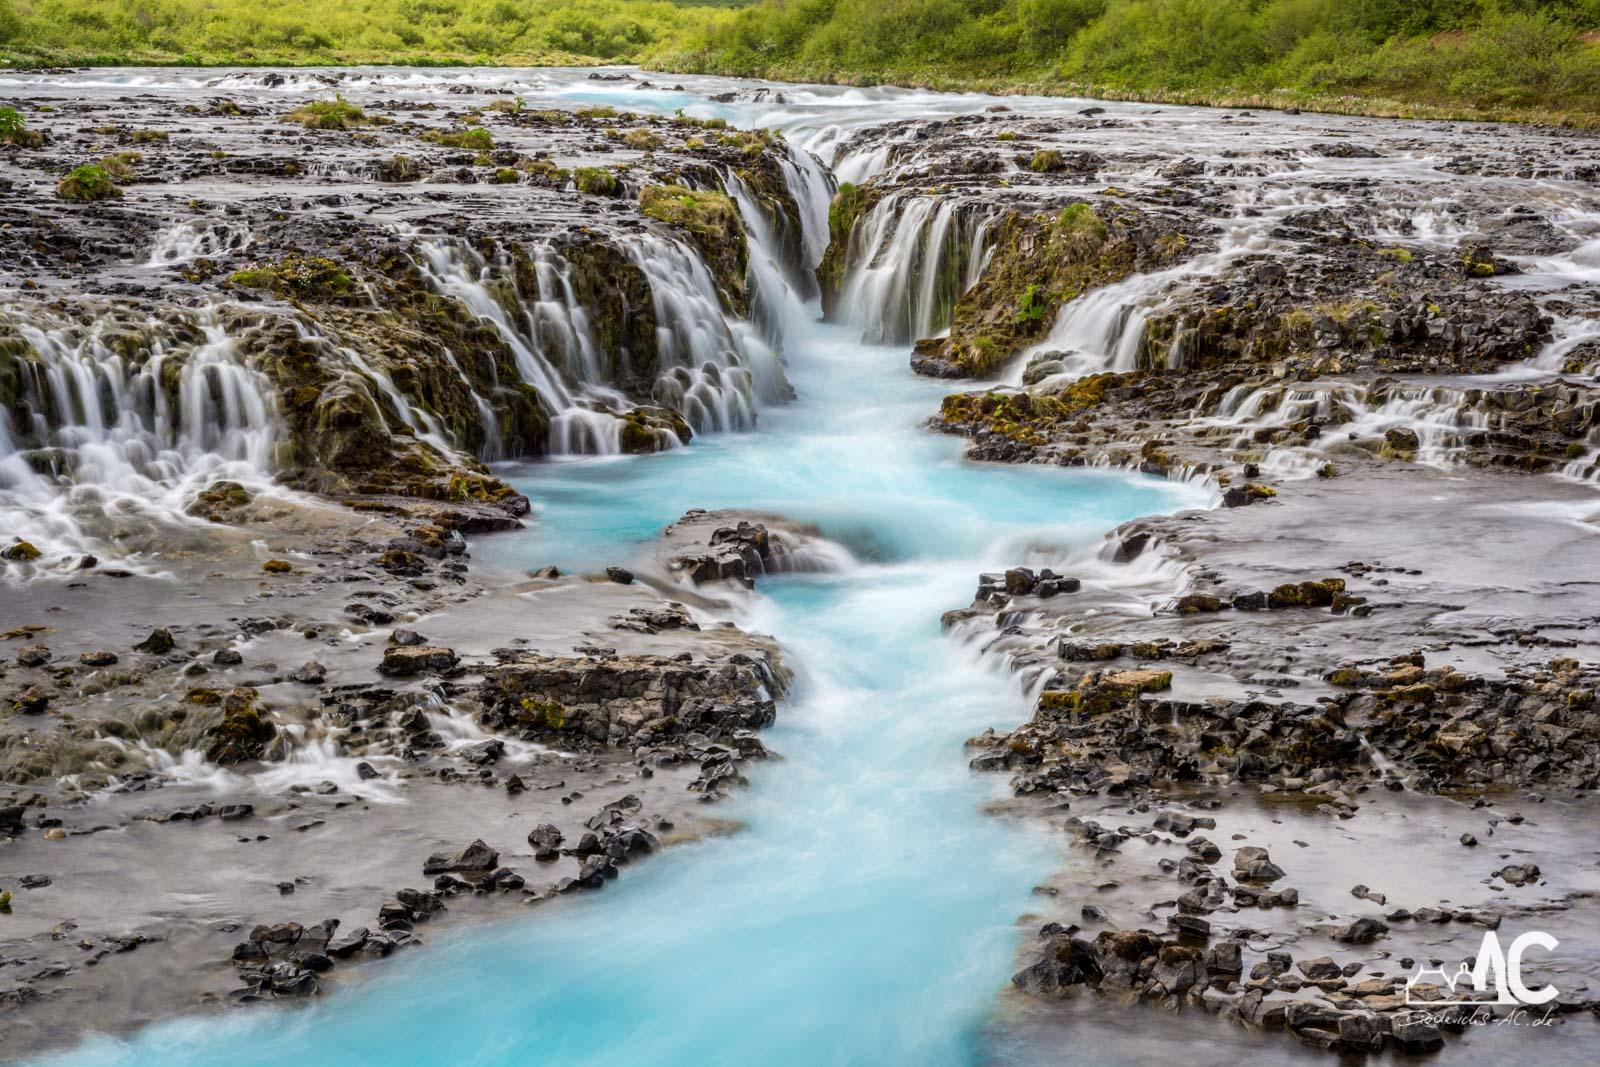 Der vermeintlich schönste Wasserfall Islands, der Bruarfoss.